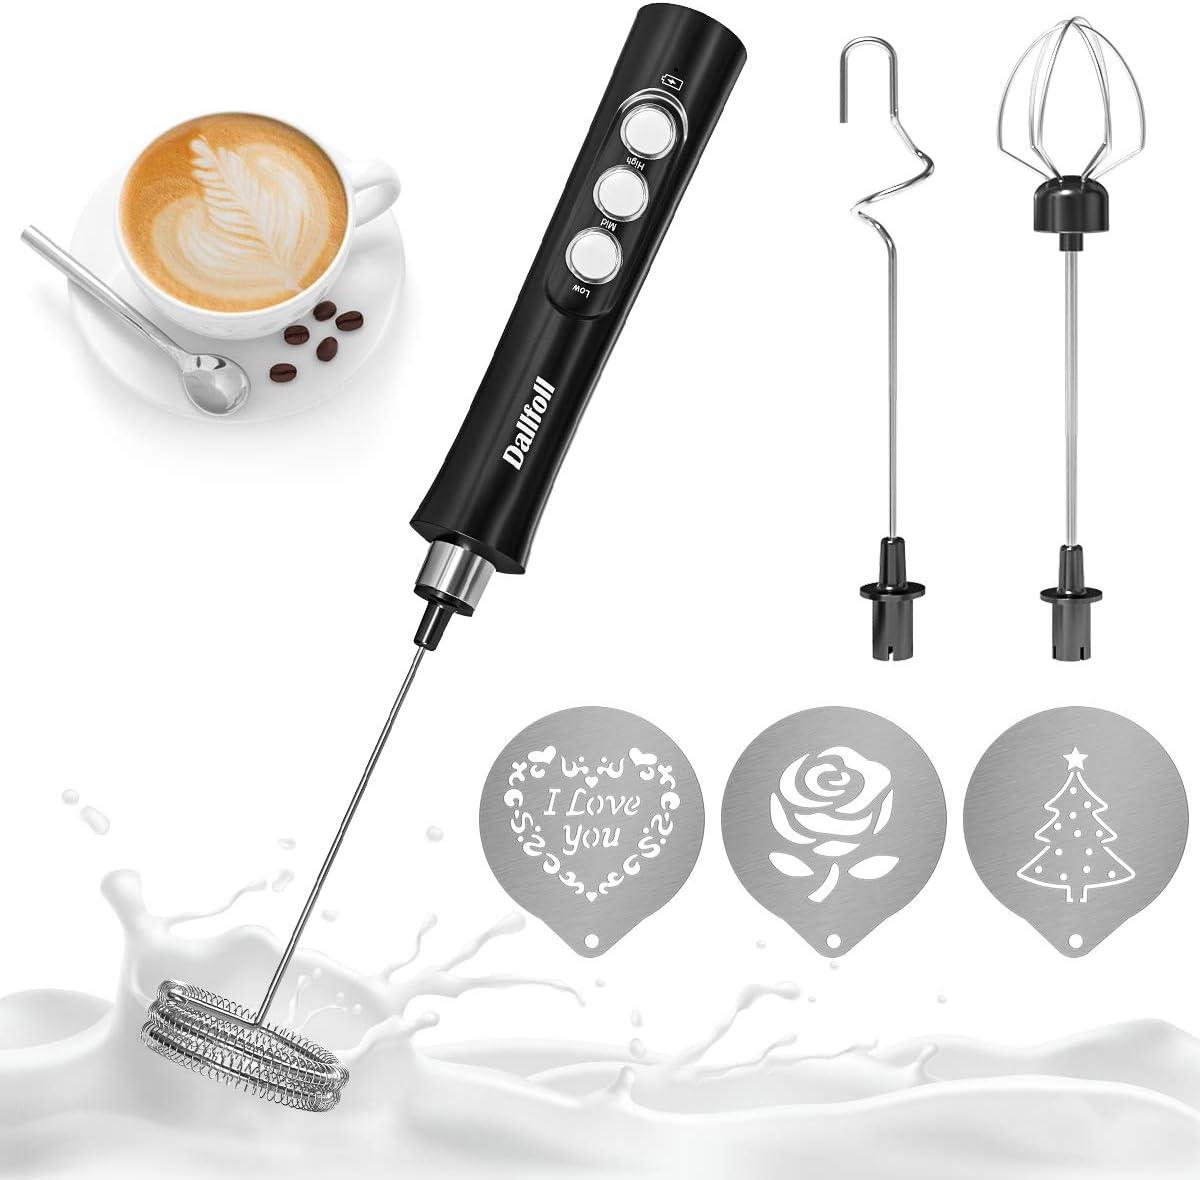 L: 28.5cm plata USB recargable negro huevos con caf/é decorar plantillas el/éctrico para caf/é//caf/é//capuchino espumador de leche 3 en 1 Dallfoll Espumador de leche el/éctrico